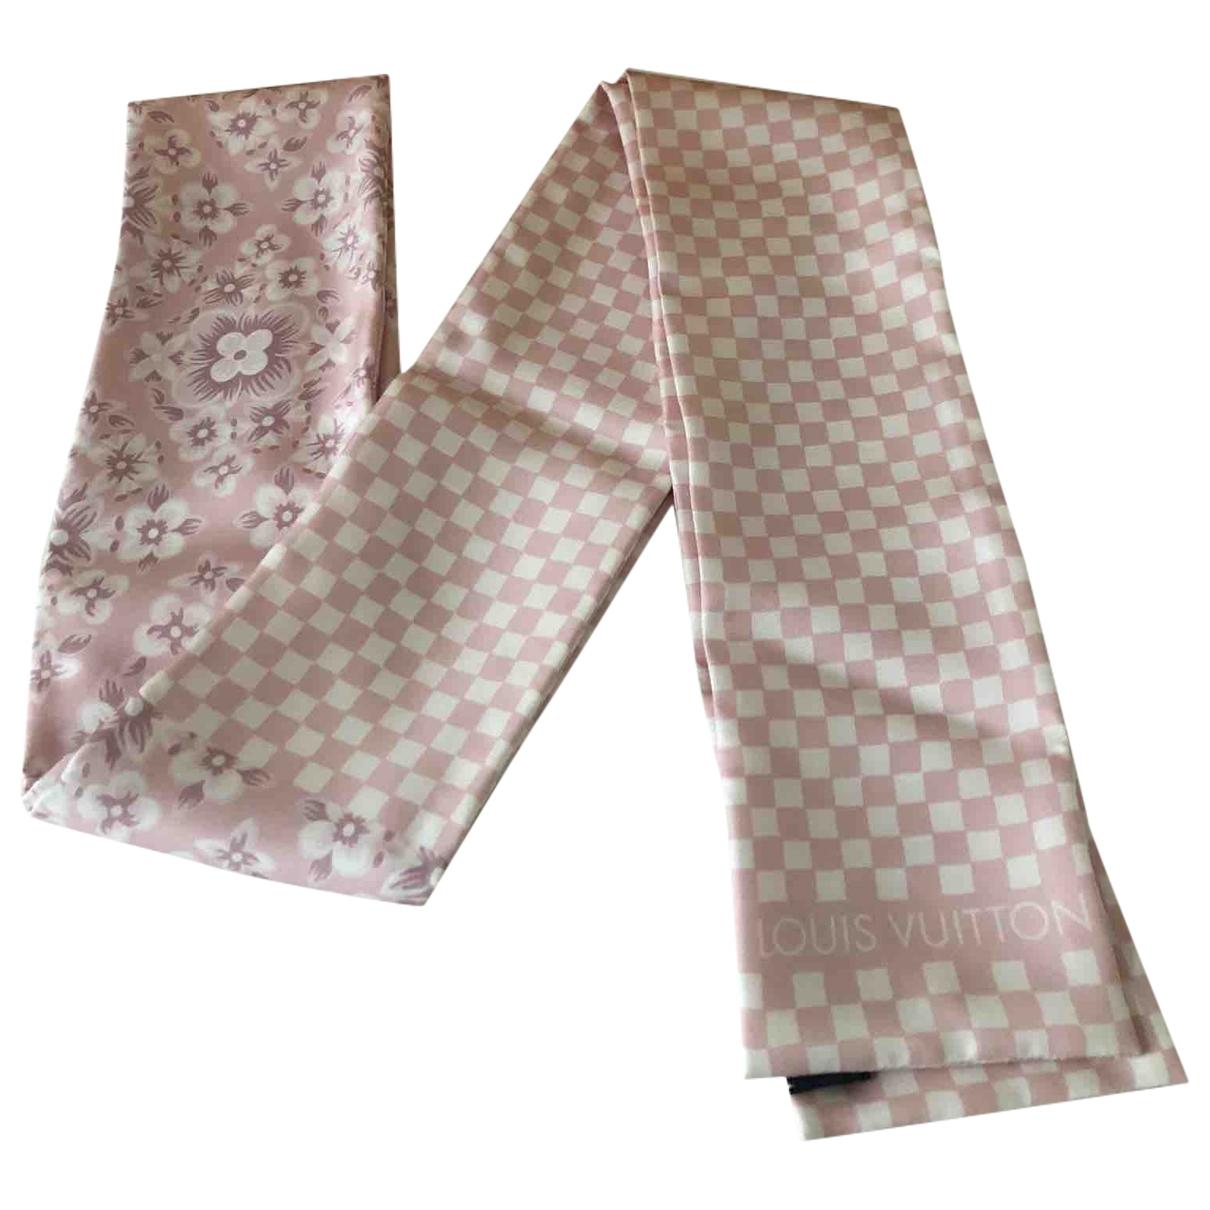 Louis Vuitton - Foulard   pour femme en soie - rose